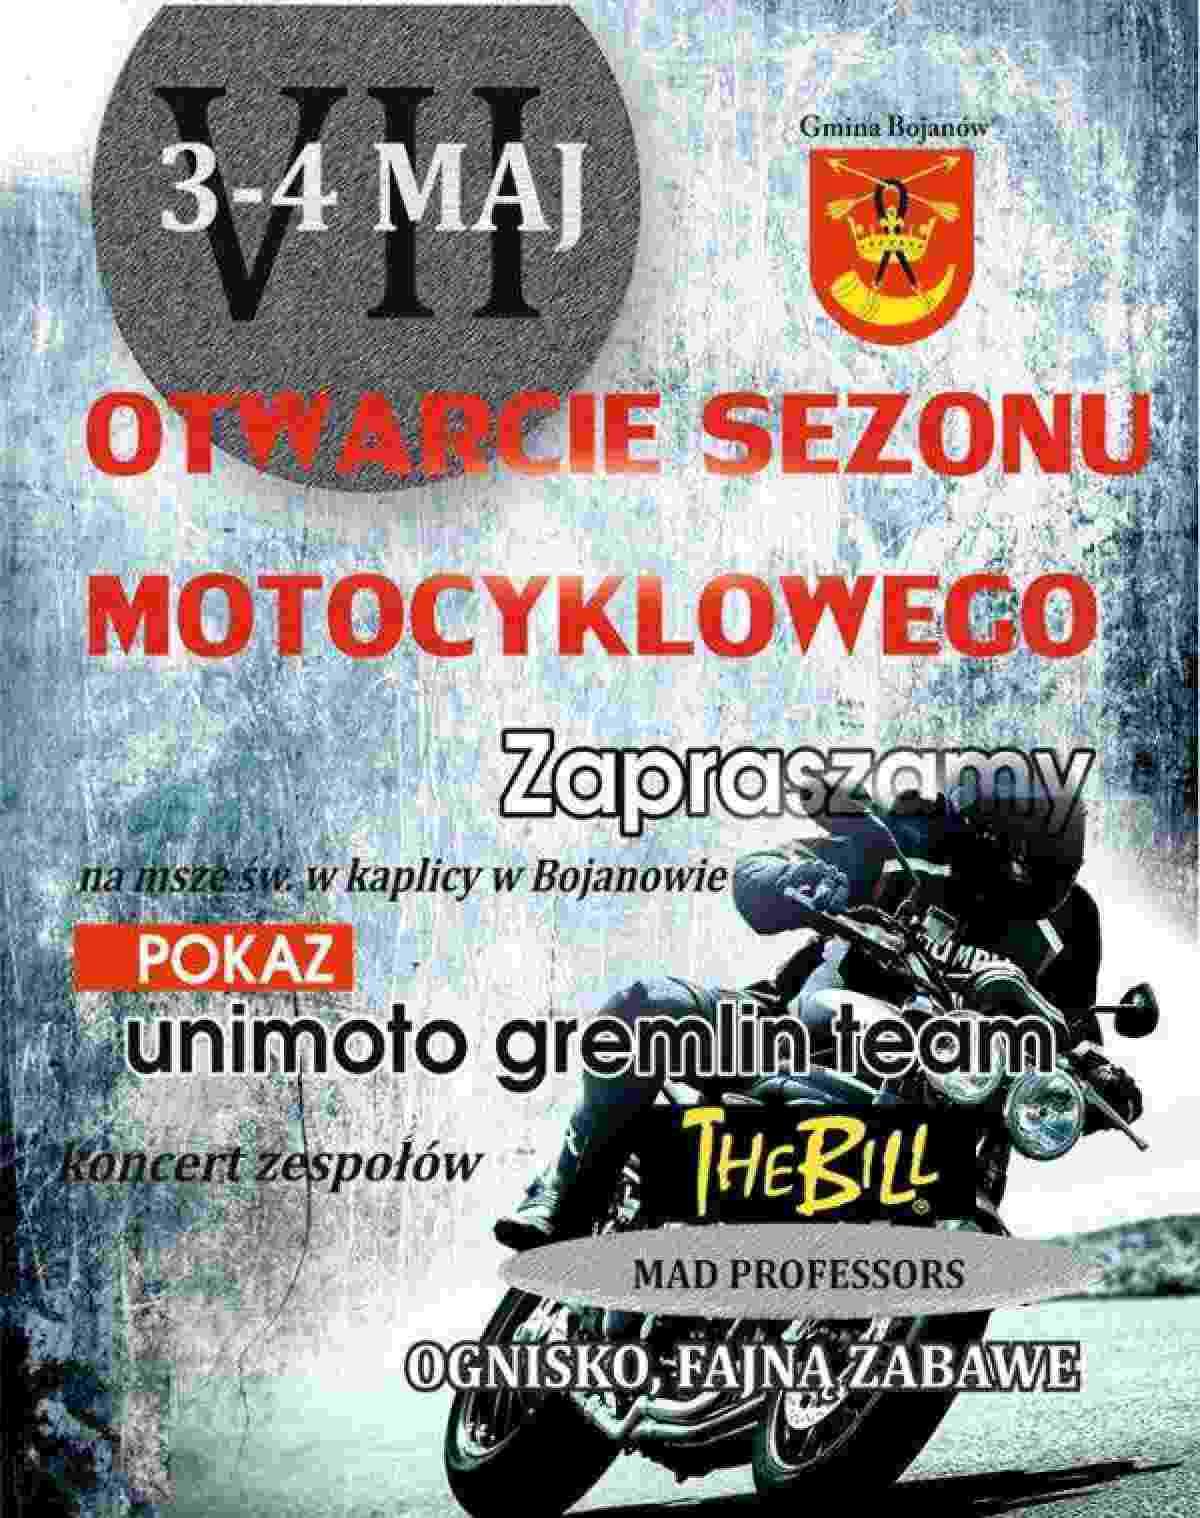 VII Otwarcie Sezonu Motocyklowego Bojanów 3-4.05.2014